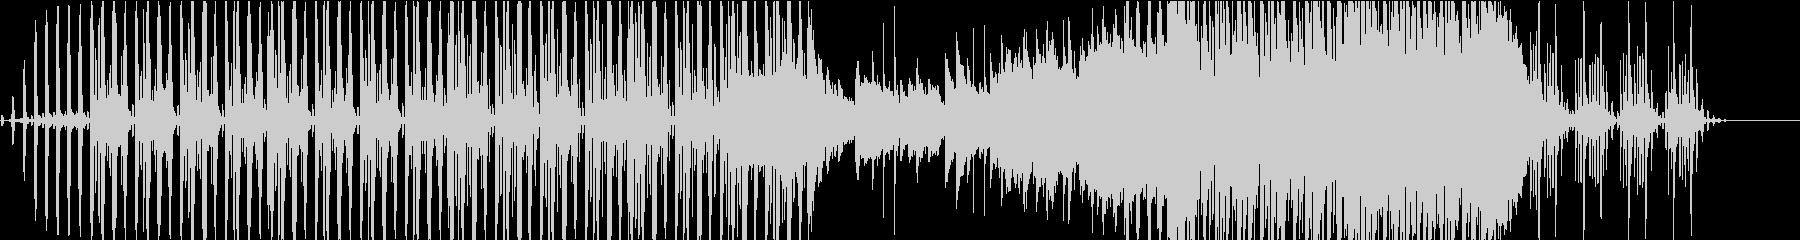 BGM,映像用。可愛く切ないテクノポップの未再生の波形